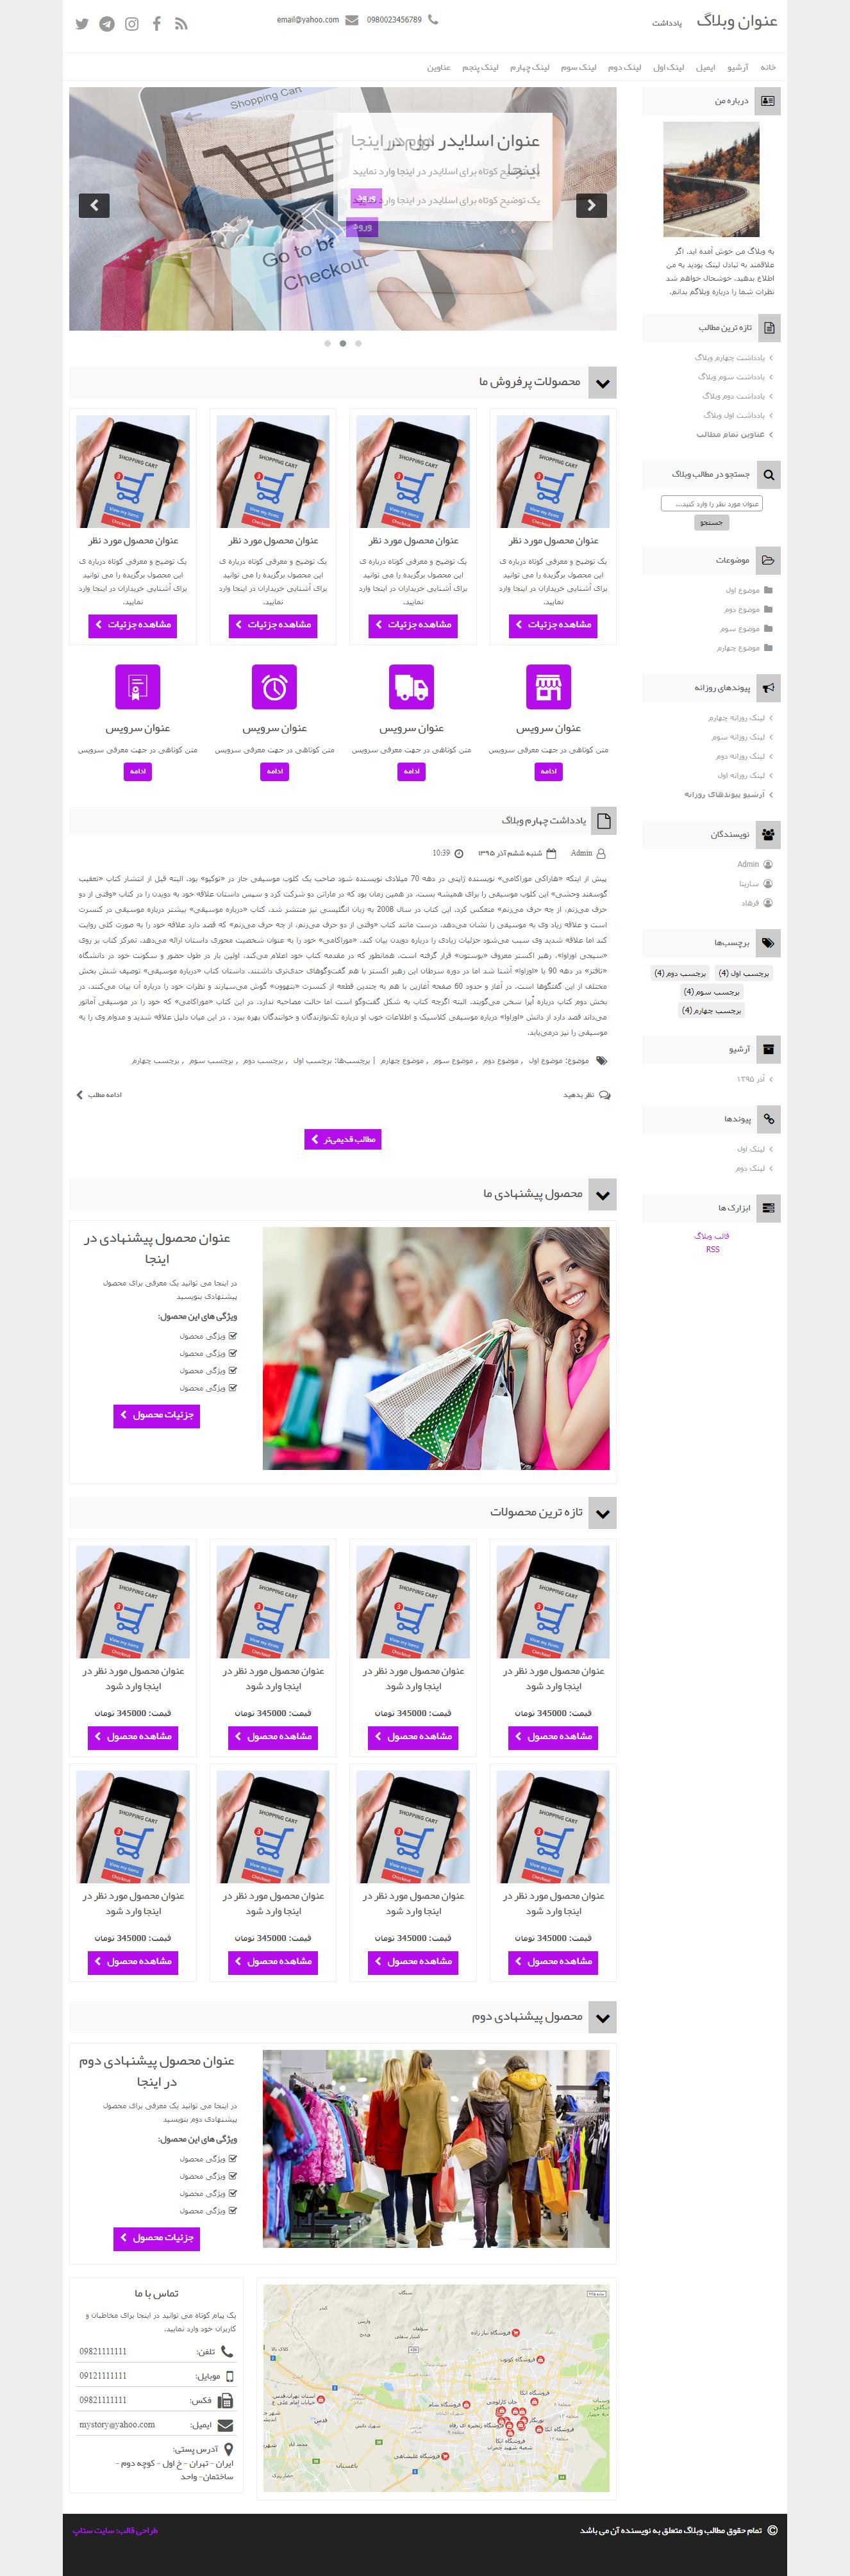 قالب وبلاگ حرفه ای فروشگاه اینترنتی